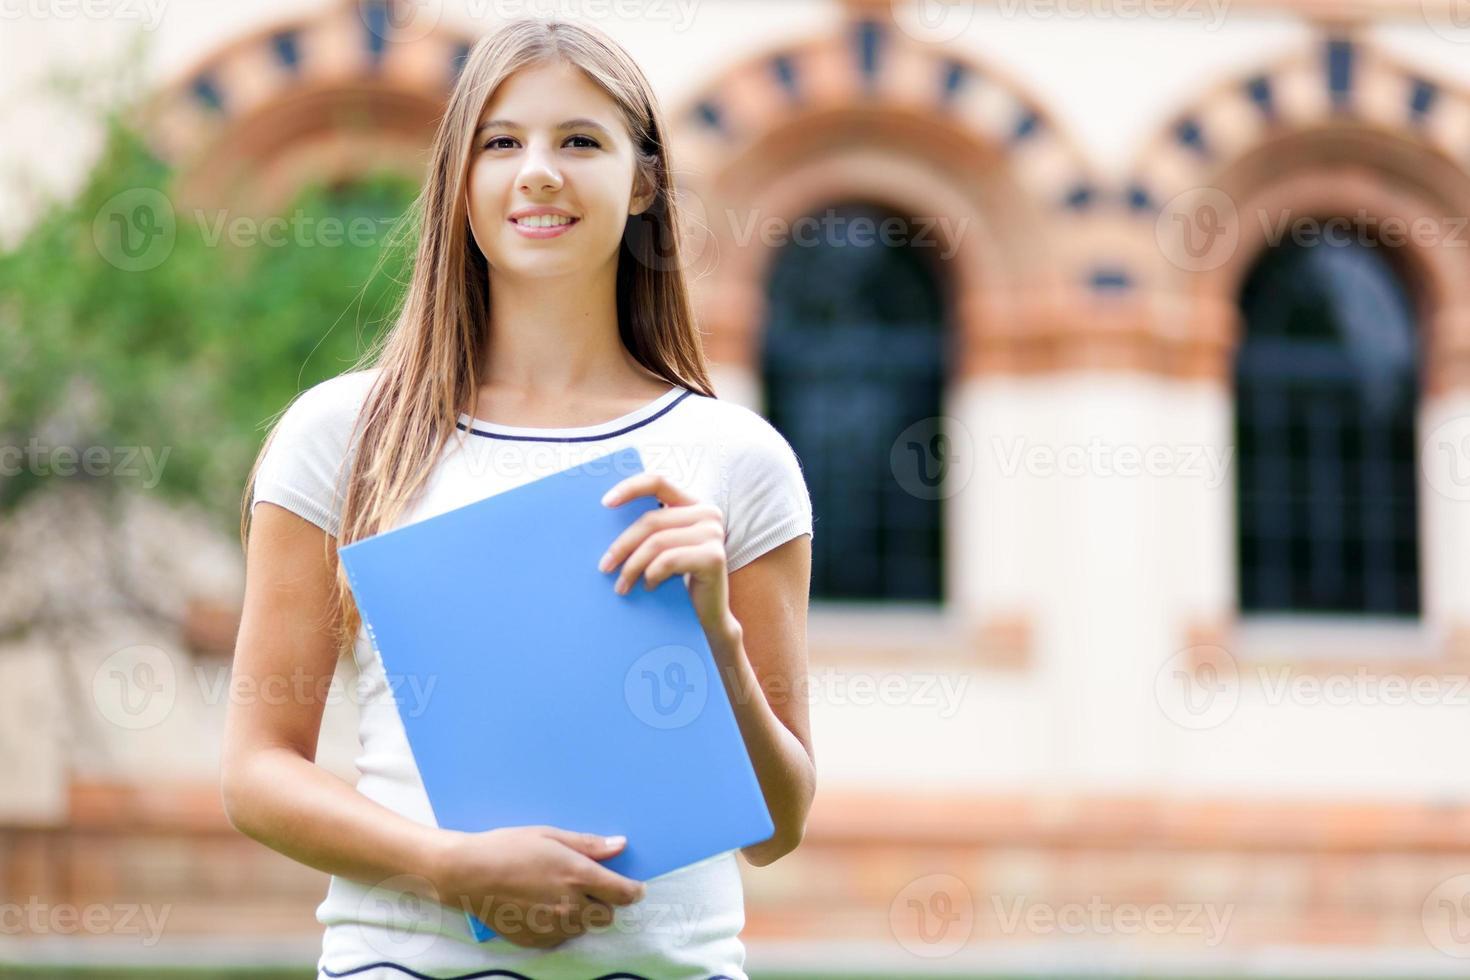 studentessa fuori dalla scuola foto